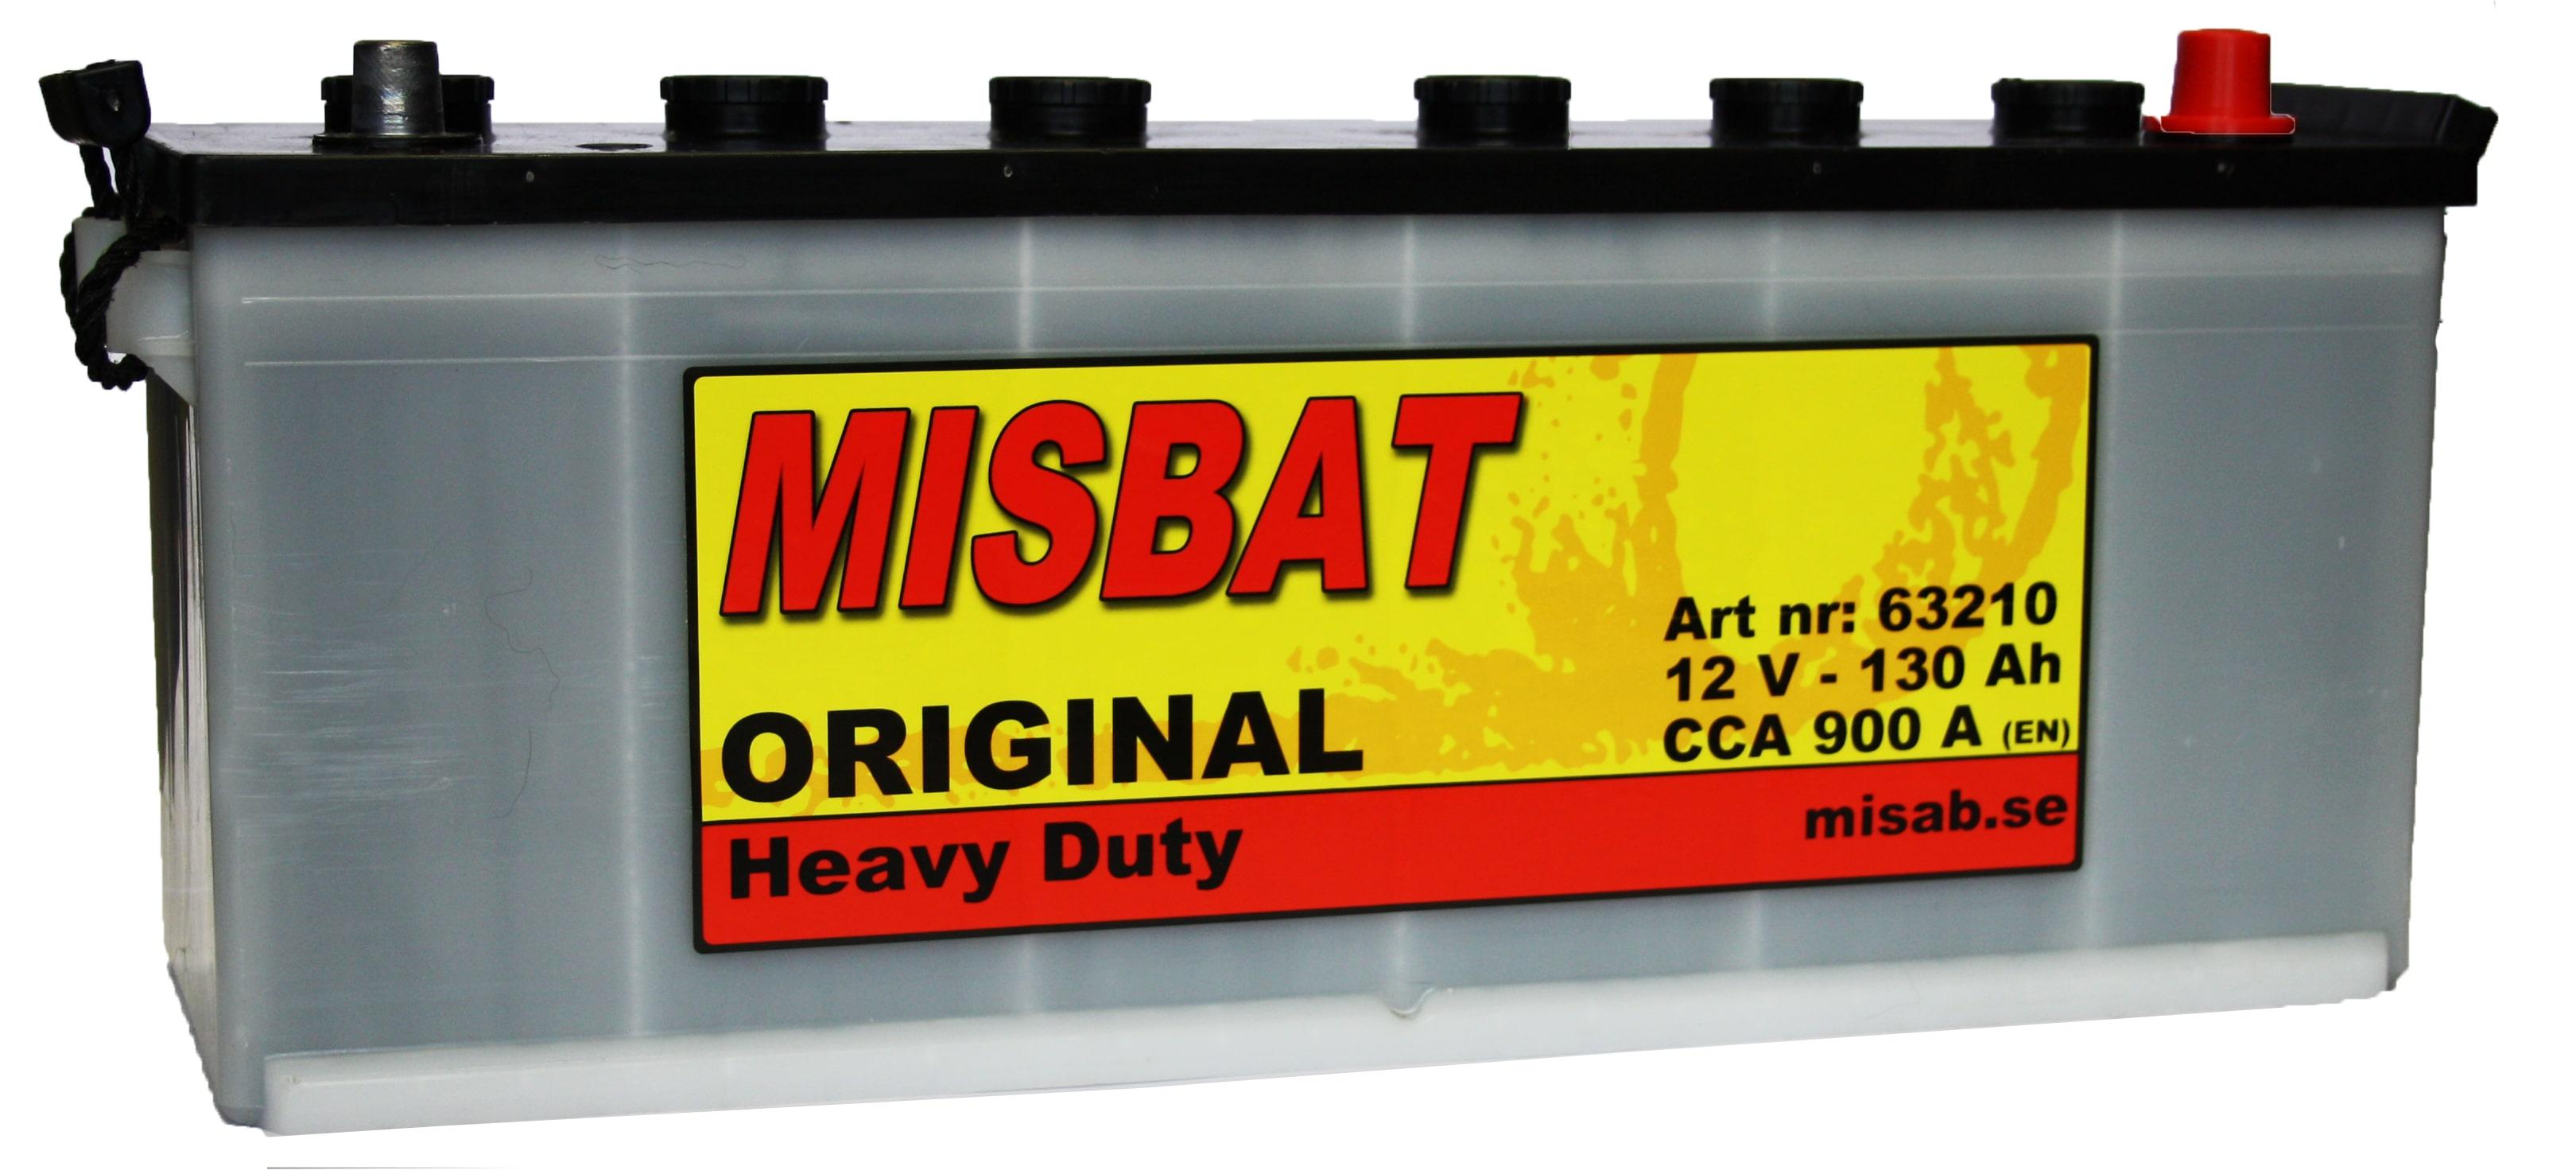 MISBAT ORIGINAL HD 132 AH